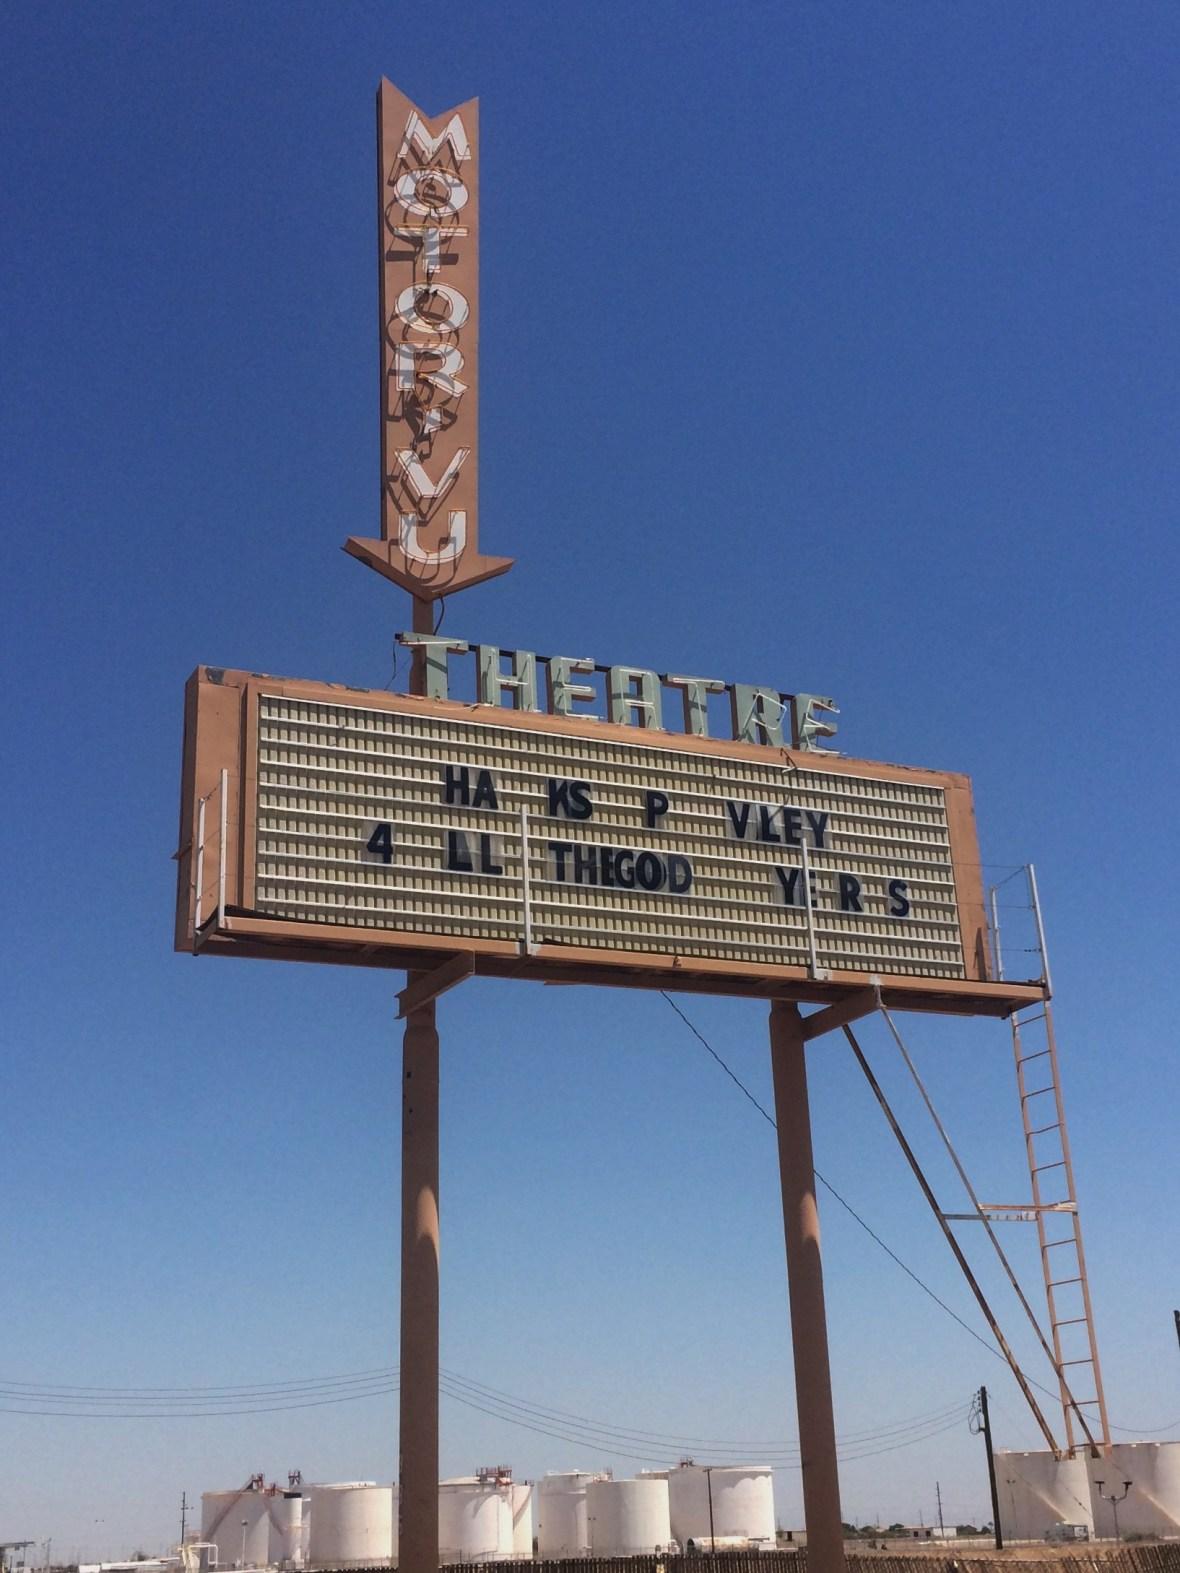 Motor-Vu Theatre - 385 West Aten Road, Imperial, California U.S.A. - August 8, 2017